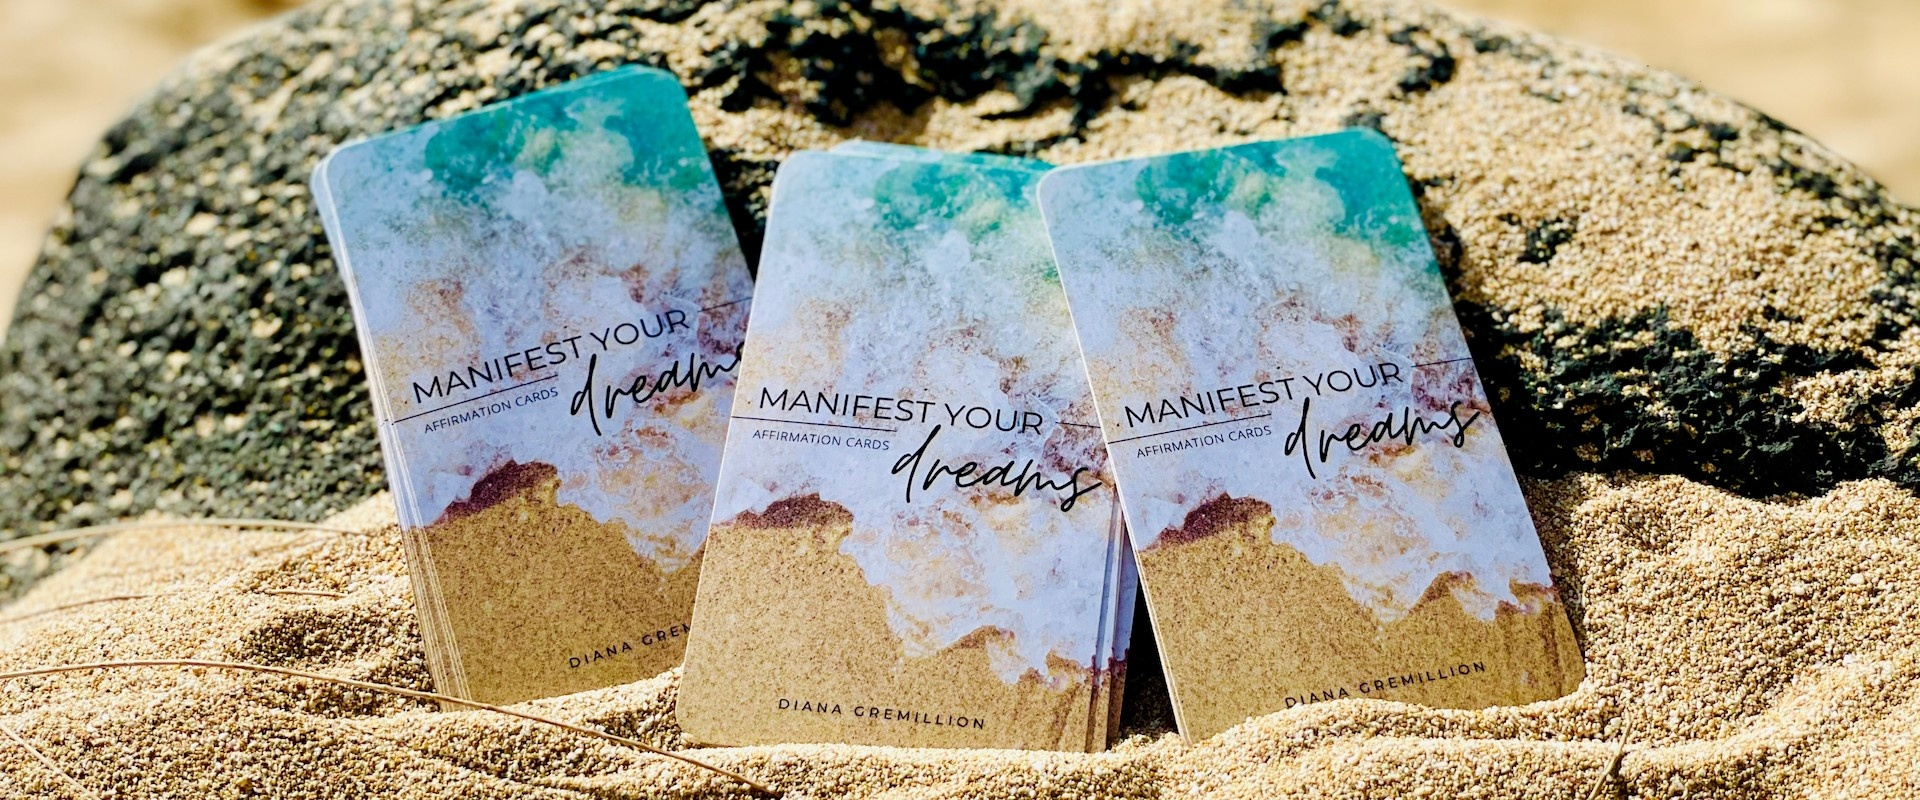 Manifest Your Dreams Affirmation Manifestation Cards